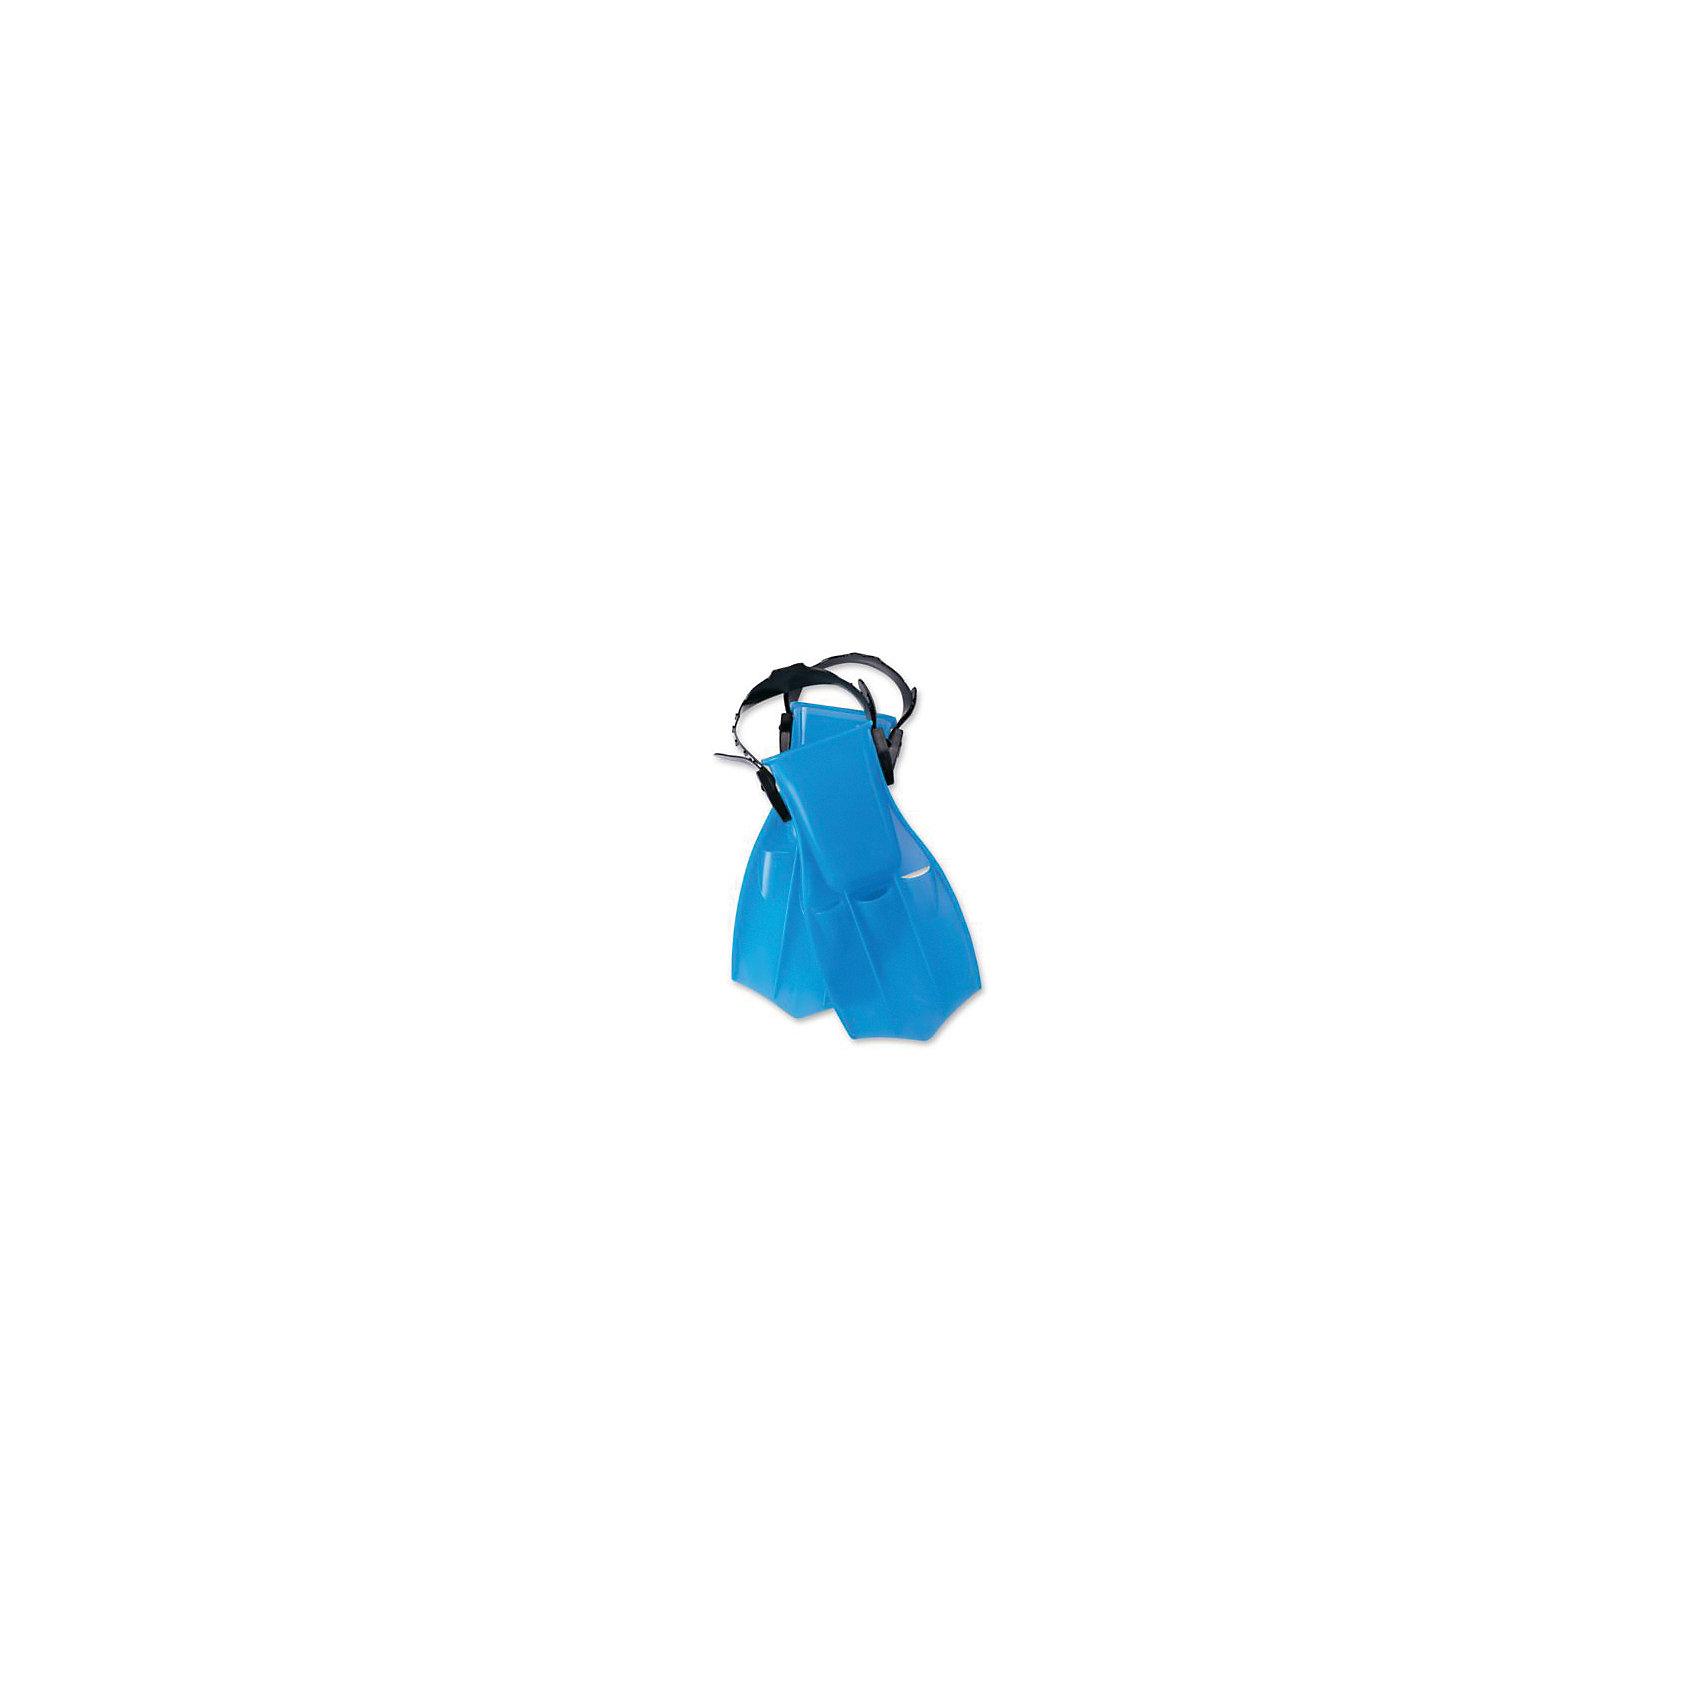 Ласты для плавания Ocean Diver детские, р-р 34-38,  Bestway, голубыеОчки, маски, ласты, шапочки<br>Характеристики товара:<br><br>• возраст от 3 лет;<br>• материал: пластик, винил;<br>• размер 34-38;<br>• размер упаковки 41,5х21х7,9 см;<br>• вес упаковки 358 гр.;<br>• страна производитель: Китай.<br><br>Ласты для плавания Ocean Diver Bestway голубые предназначены для детей от 3 лет. Крепятся ласты при помощи удобного ремешка на пятке. Ремешок регулируется от 34 до 38 размера, позволяя пользоваться ластами не один год. Изготовлены ласты из качественных безвредных материалов.<br><br>Ласты для плавания детские Ocean Diver Bestway голубые можно приобрести в нашем интернет-магазине.<br><br>Ширина мм: 415<br>Глубина мм: 210<br>Высота мм: 79<br>Вес г: 358<br>Возраст от месяцев: 36<br>Возраст до месяцев: 72<br>Пол: Унисекс<br>Возраст: Детский<br>SKU: 5613185